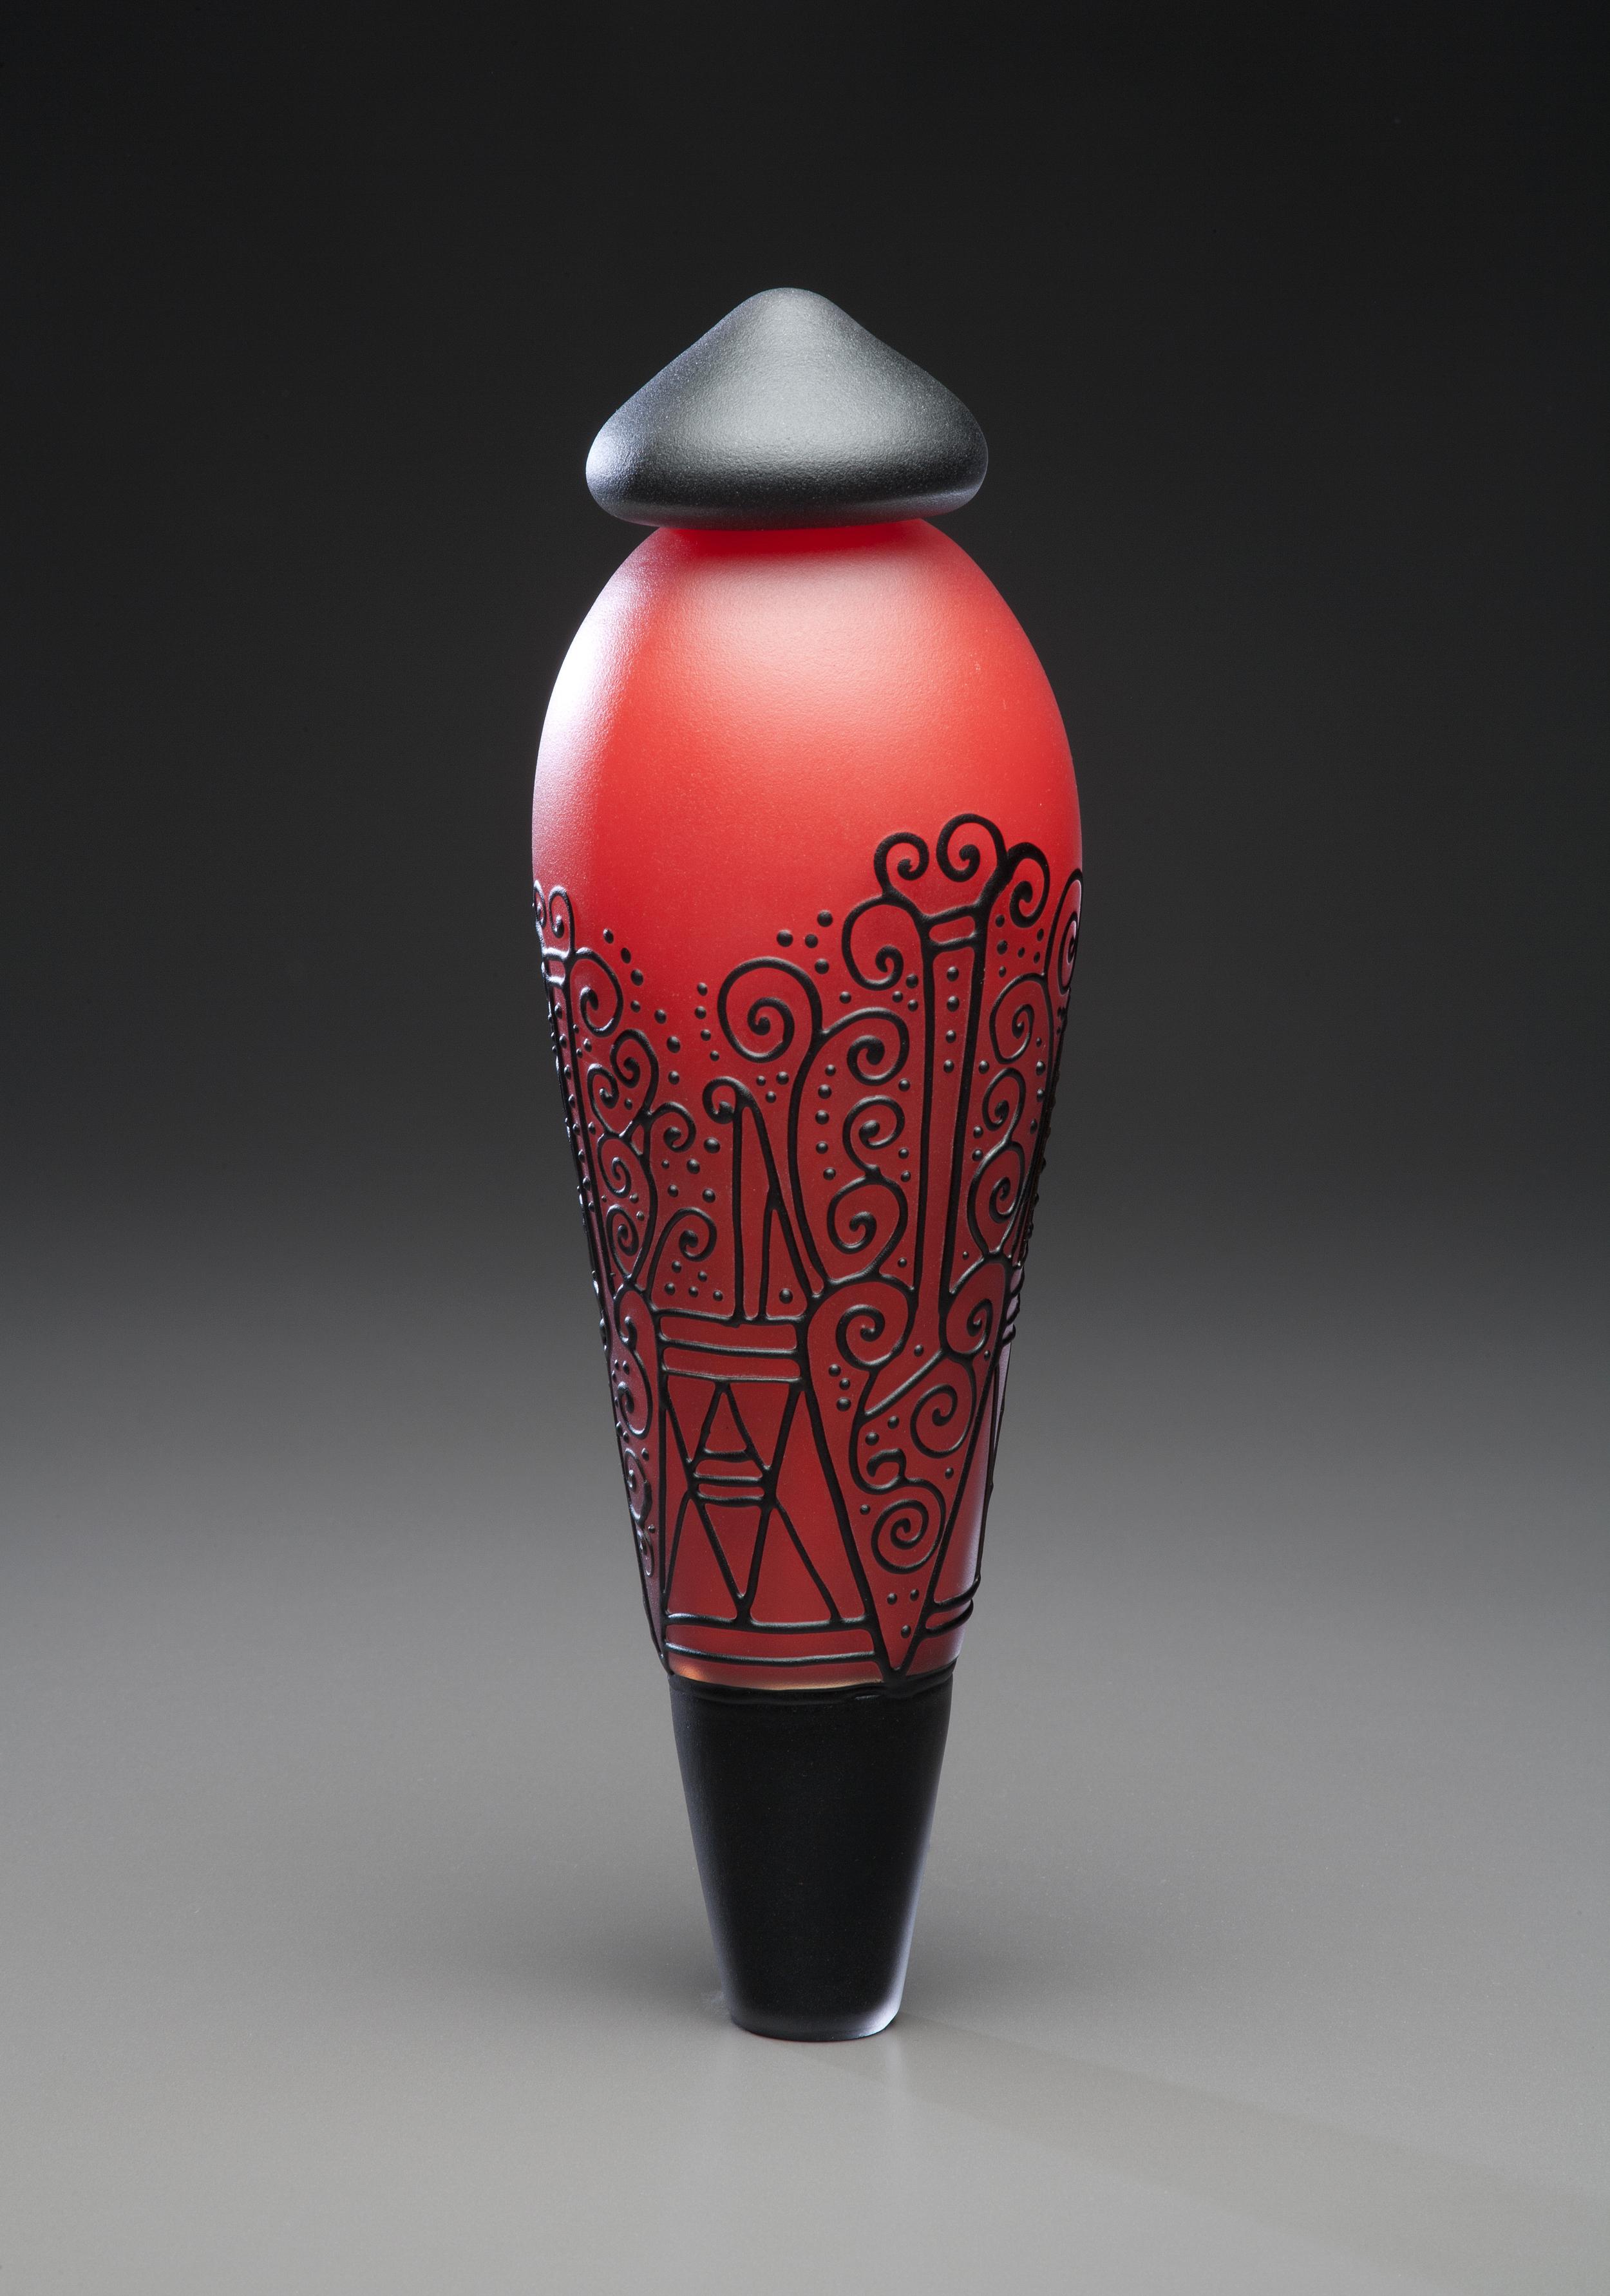 Matte Mirrored Red and Black Pendulum